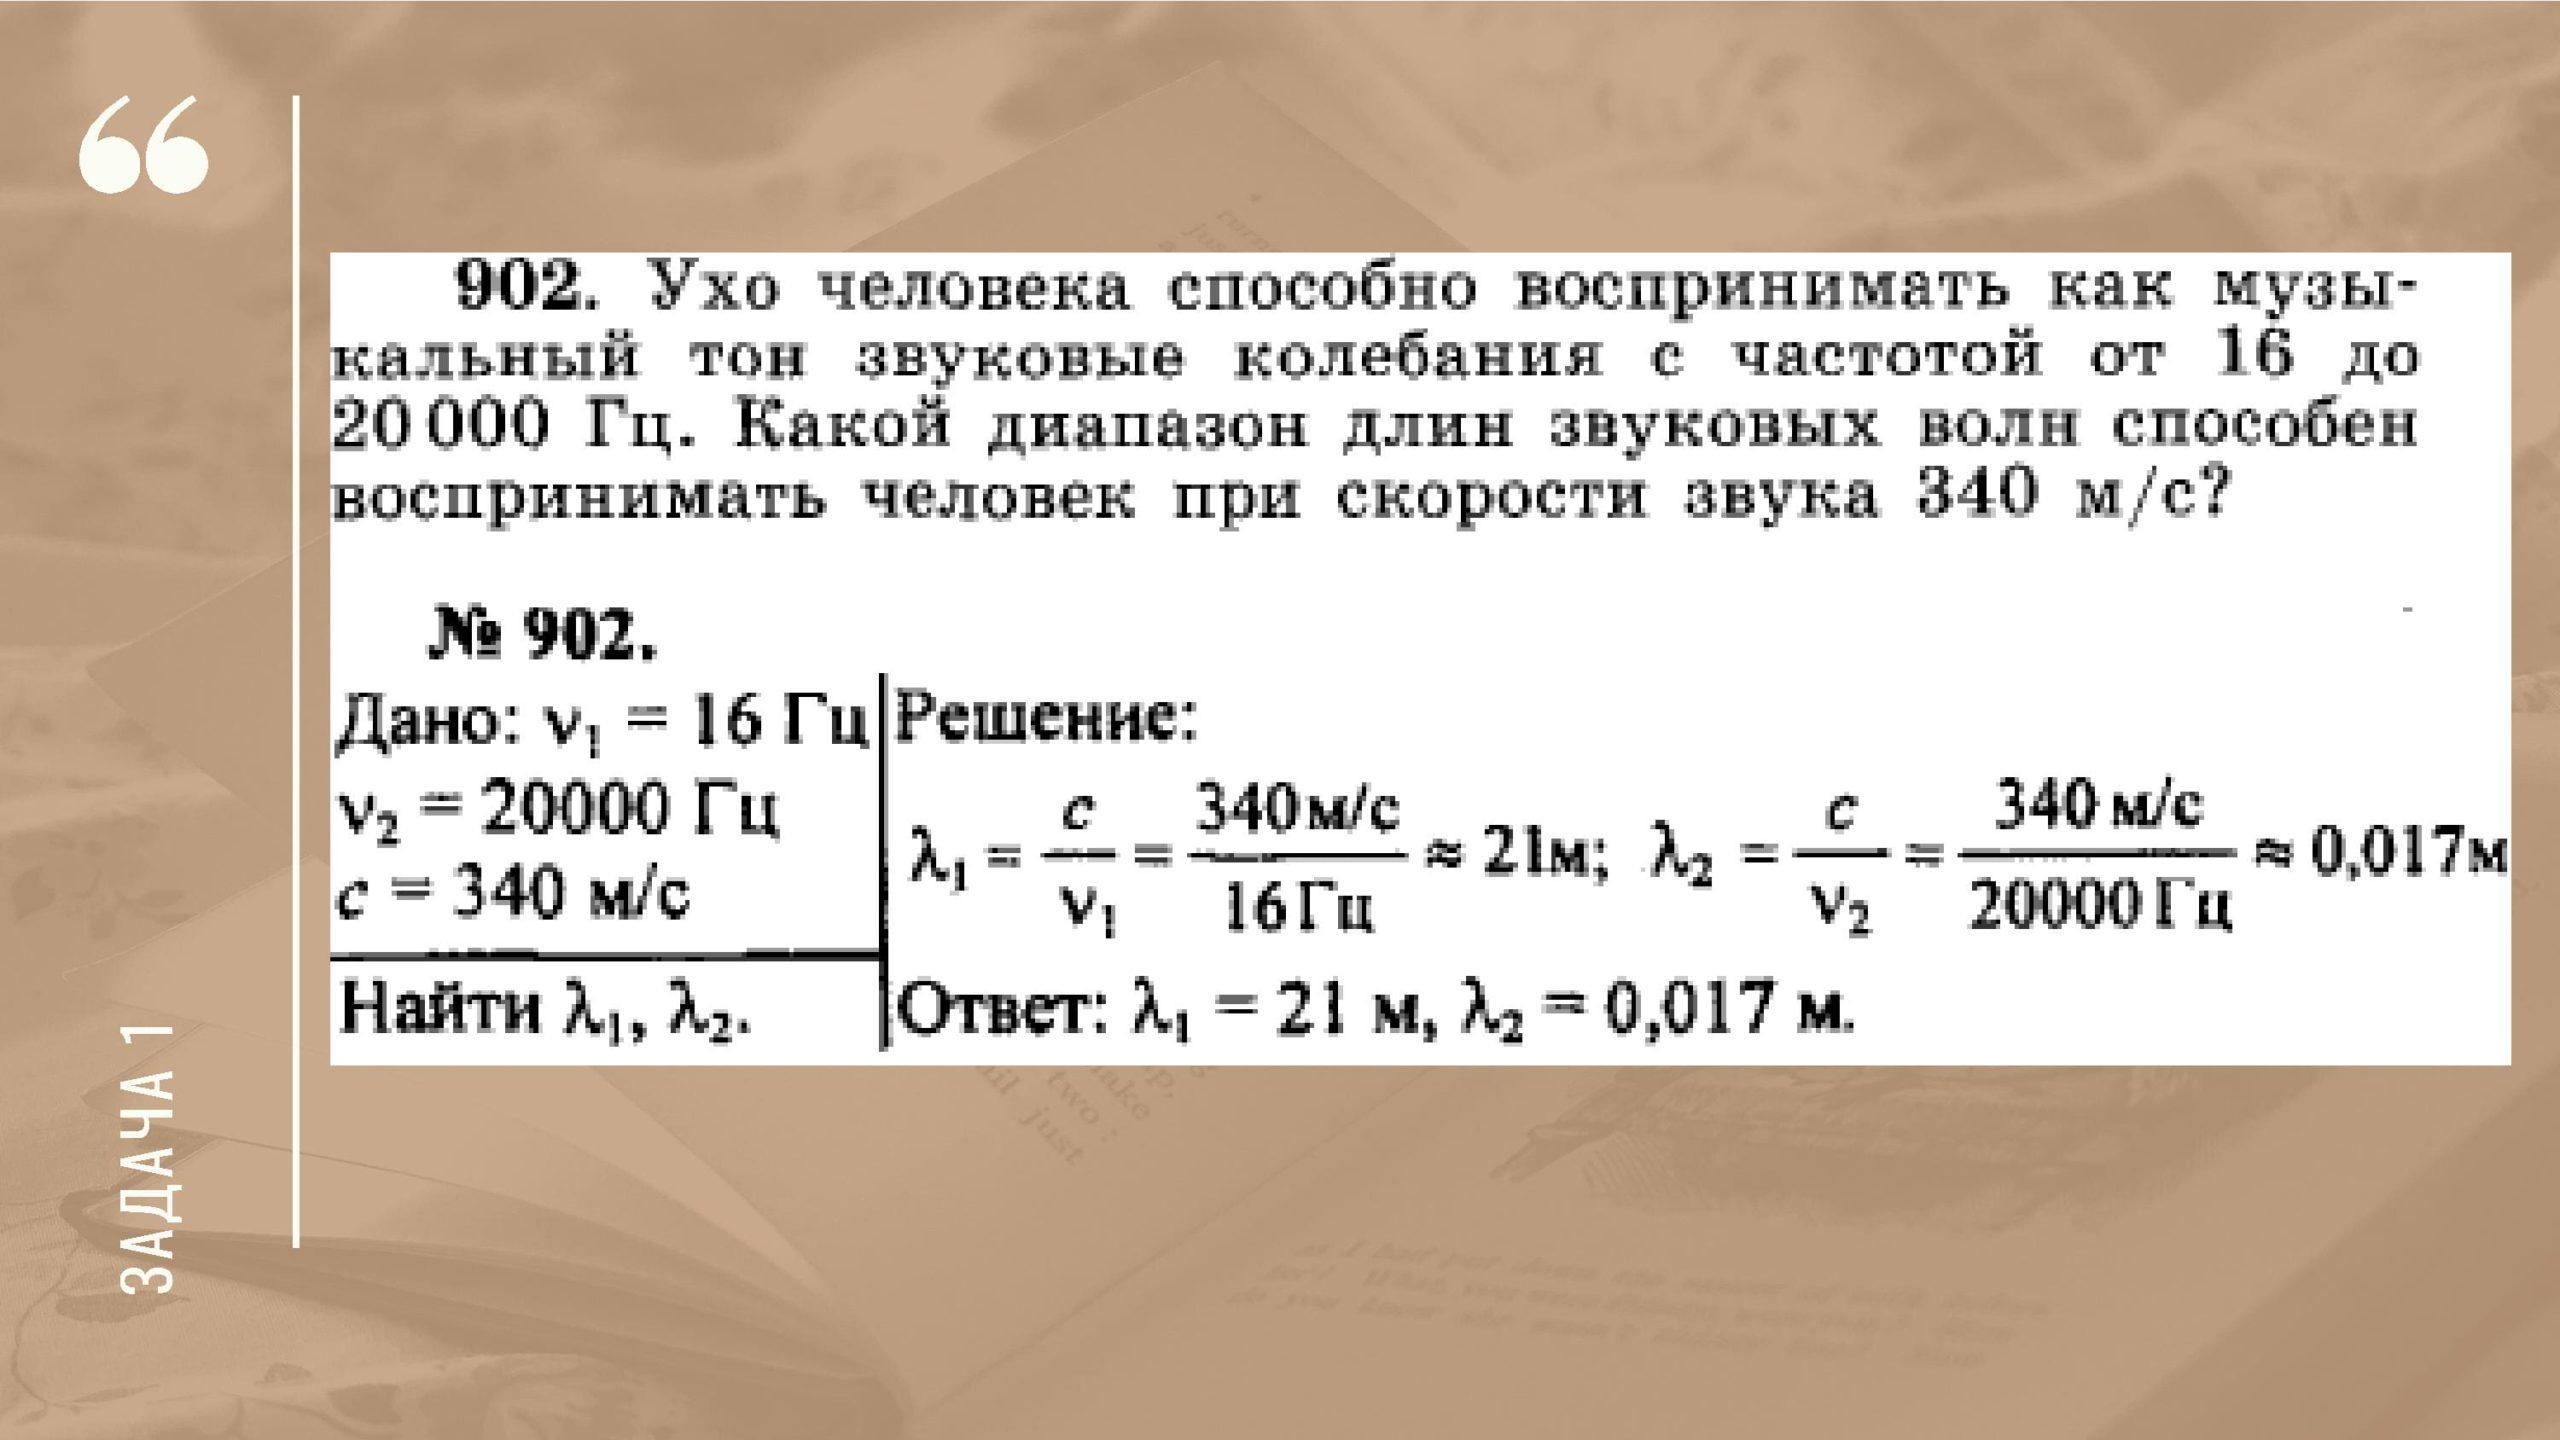 Задача 1 (902) с решением. Ухо человека способно воспринимать как